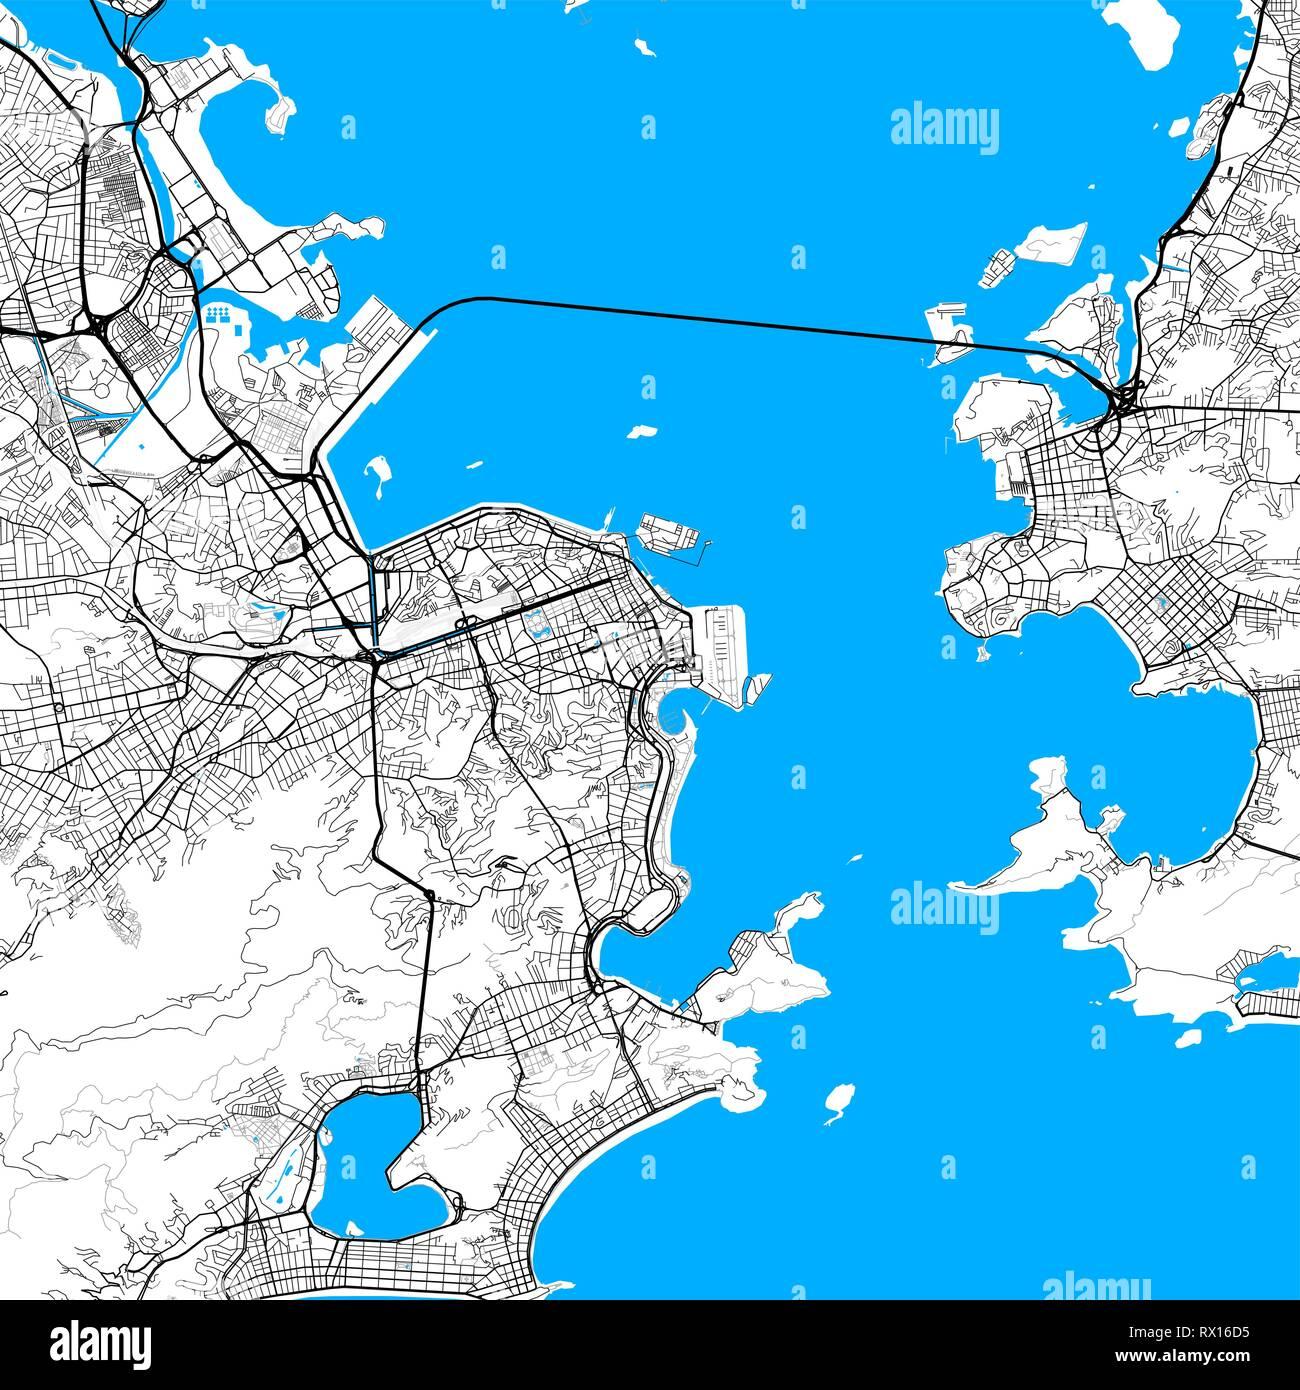 Rio De Janeiro Karte.Rio De Janeiro Karte Vektor Outline Version Mit Hoher